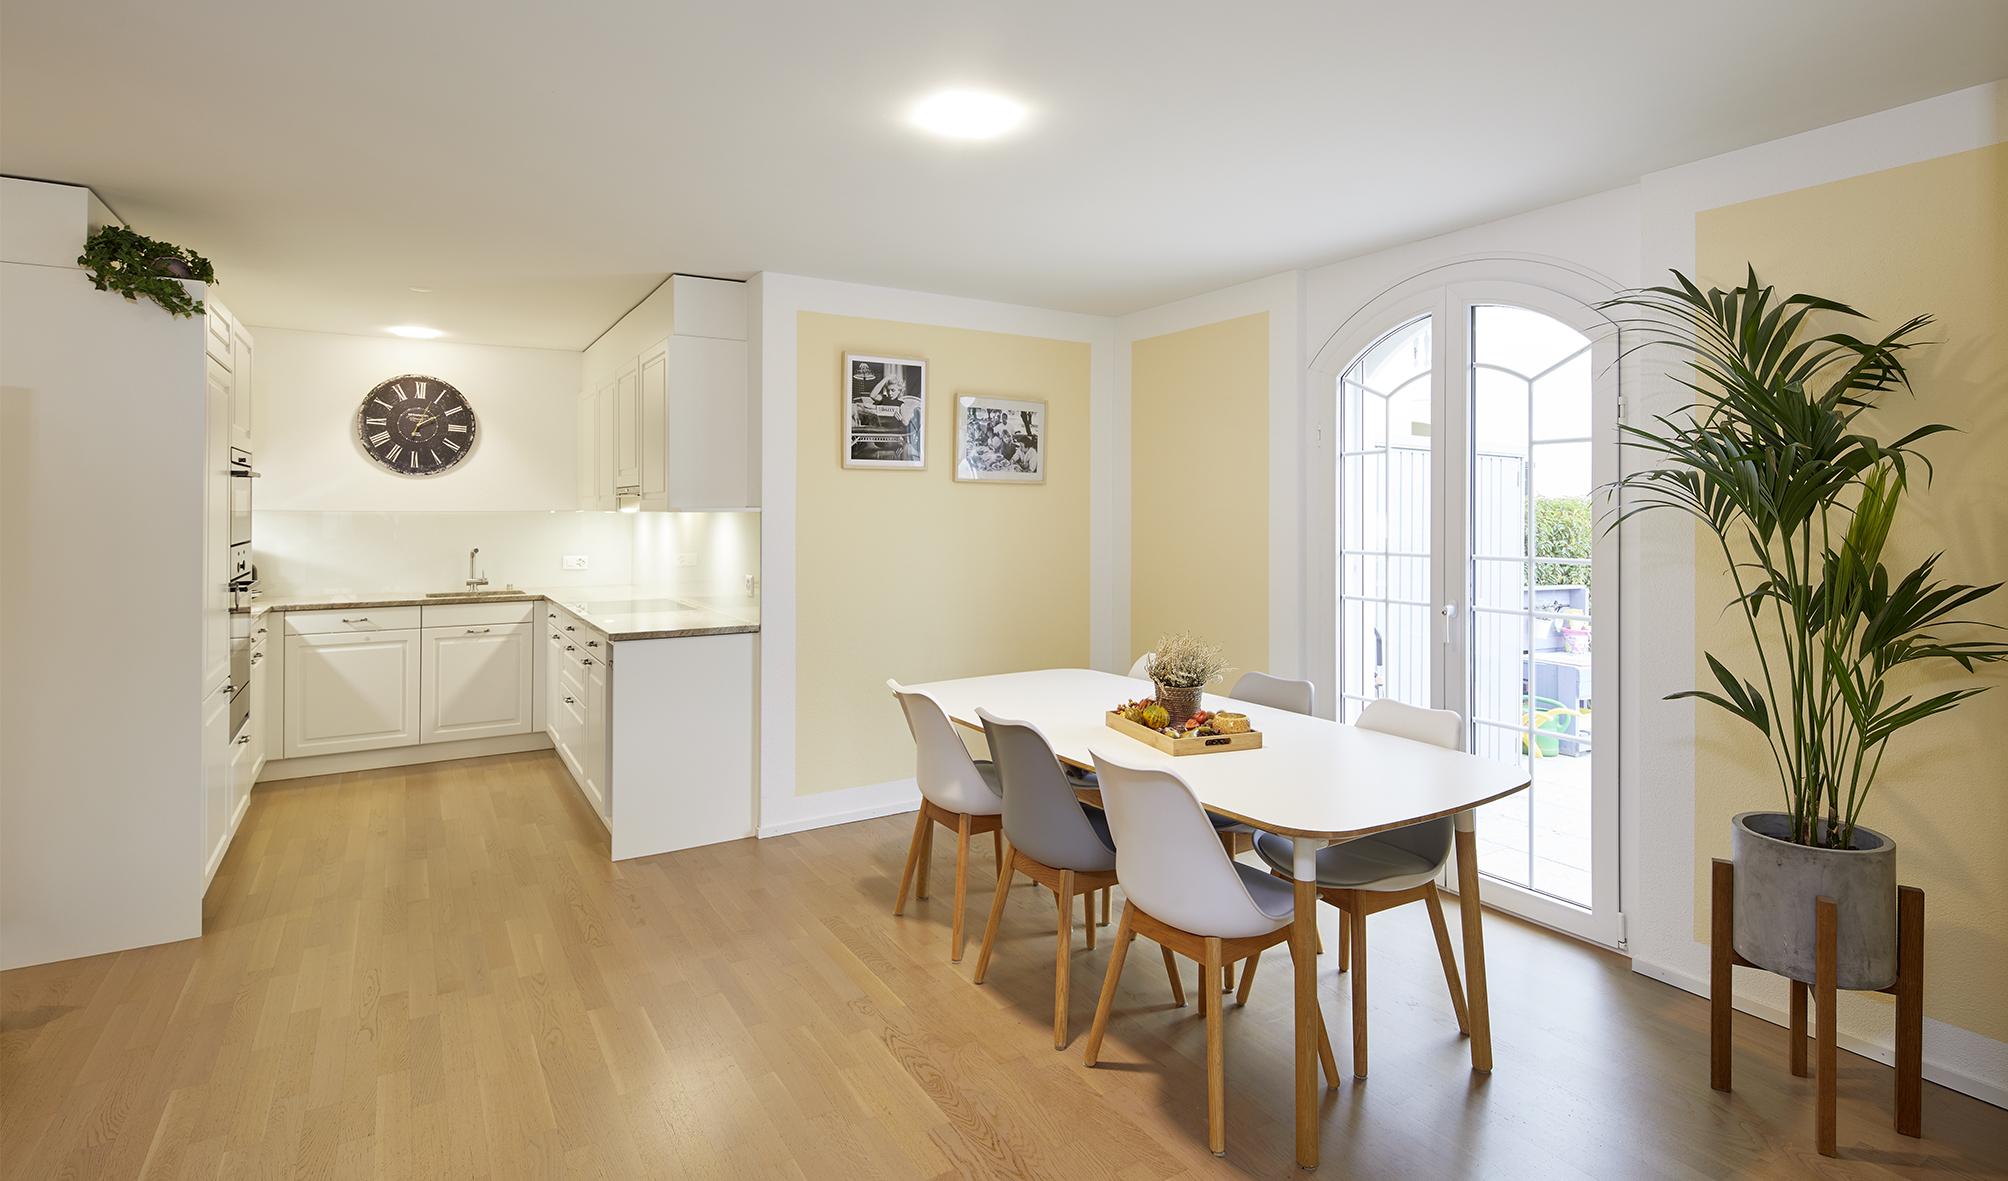 Hochwertig ausgebaute Gartenwohnung in bevorzugtem, ruhigen Quartier